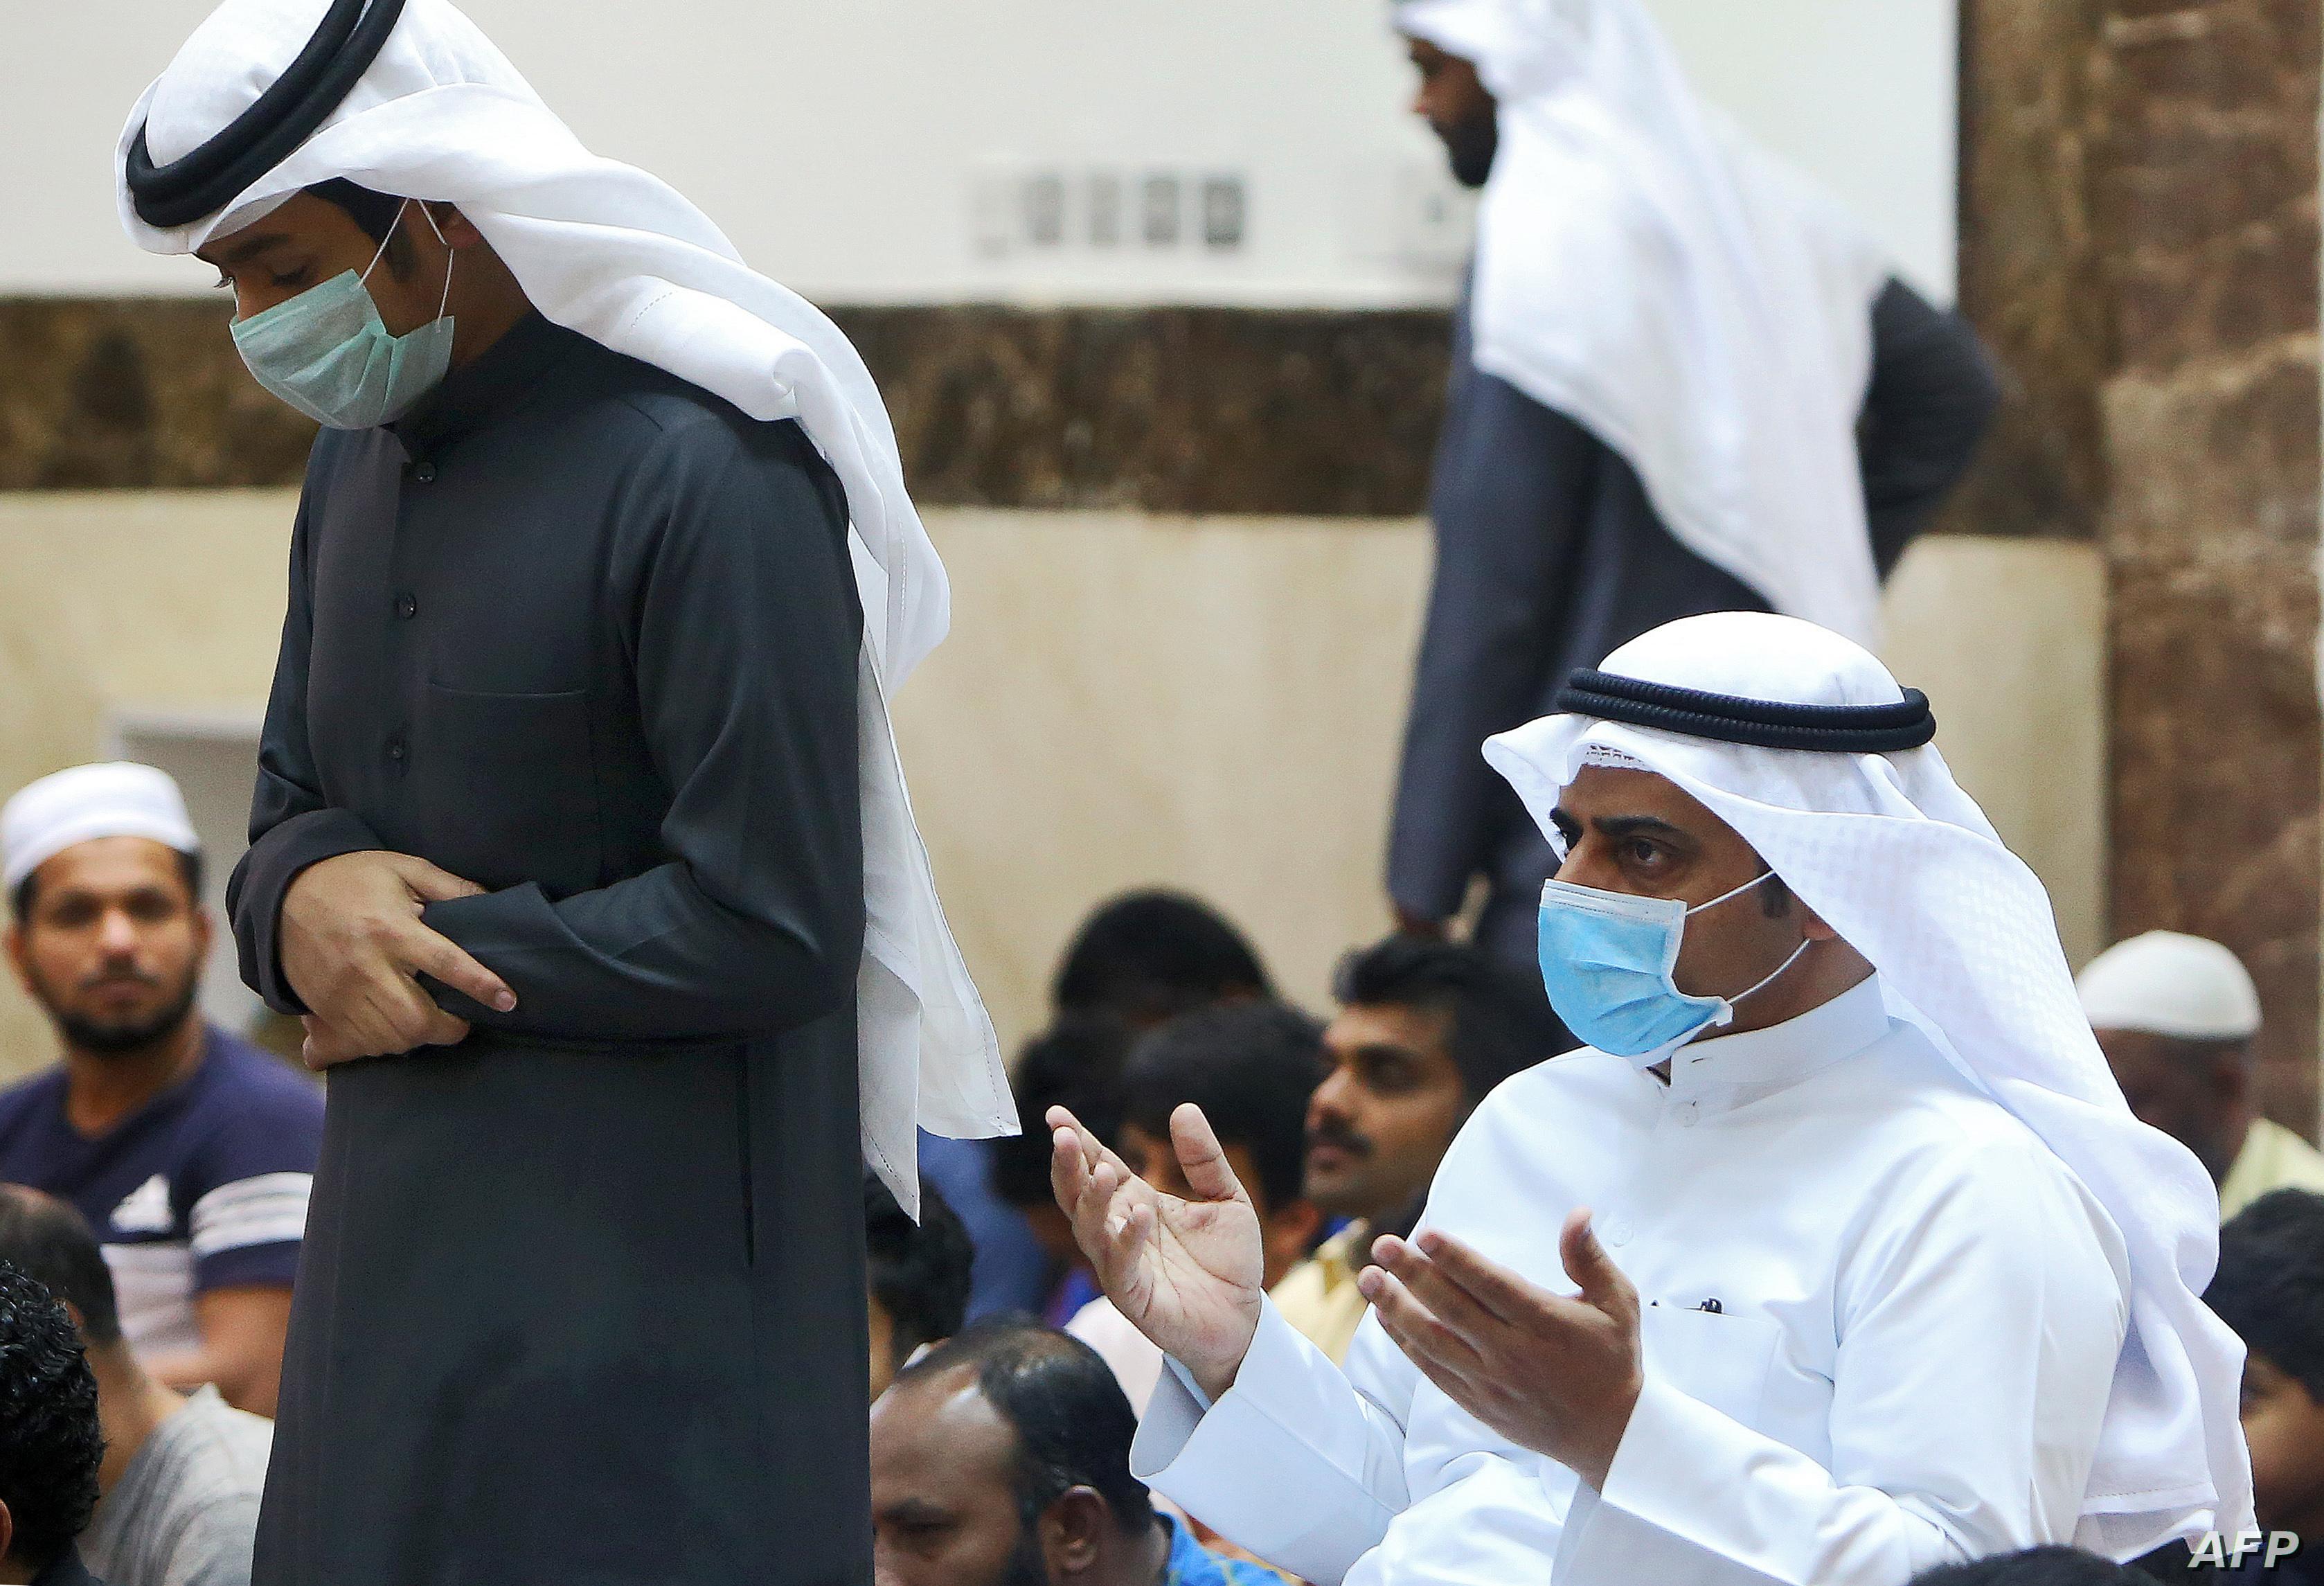 الكويت تسمح لبعض المساجد بإقامة صلاة الجماعة عدا الجمعة